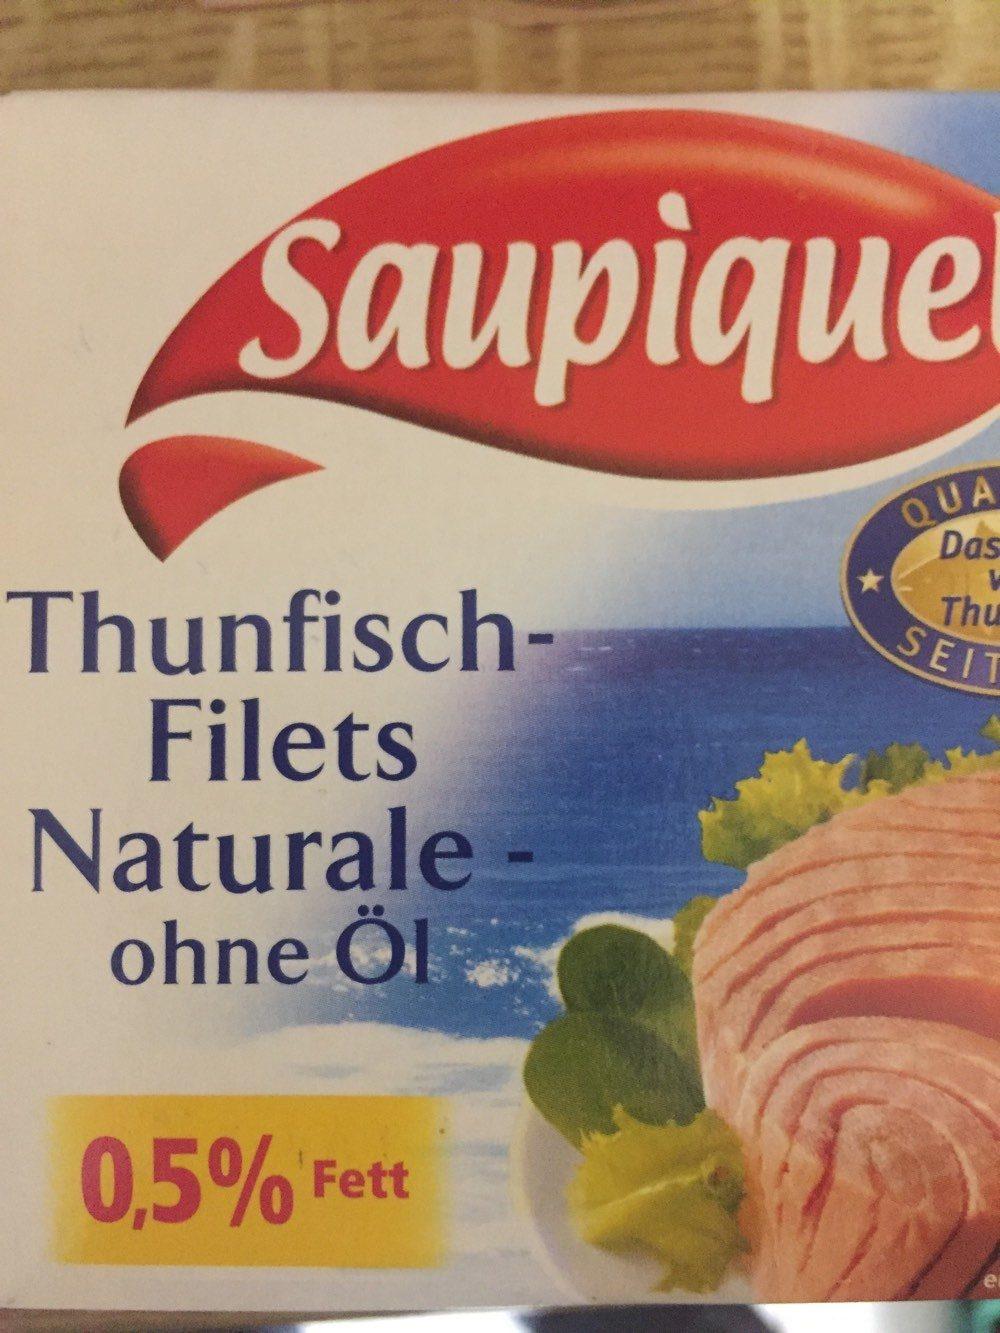 Thunfisch-Filets Naturale, ohne Öl - Produkt - de